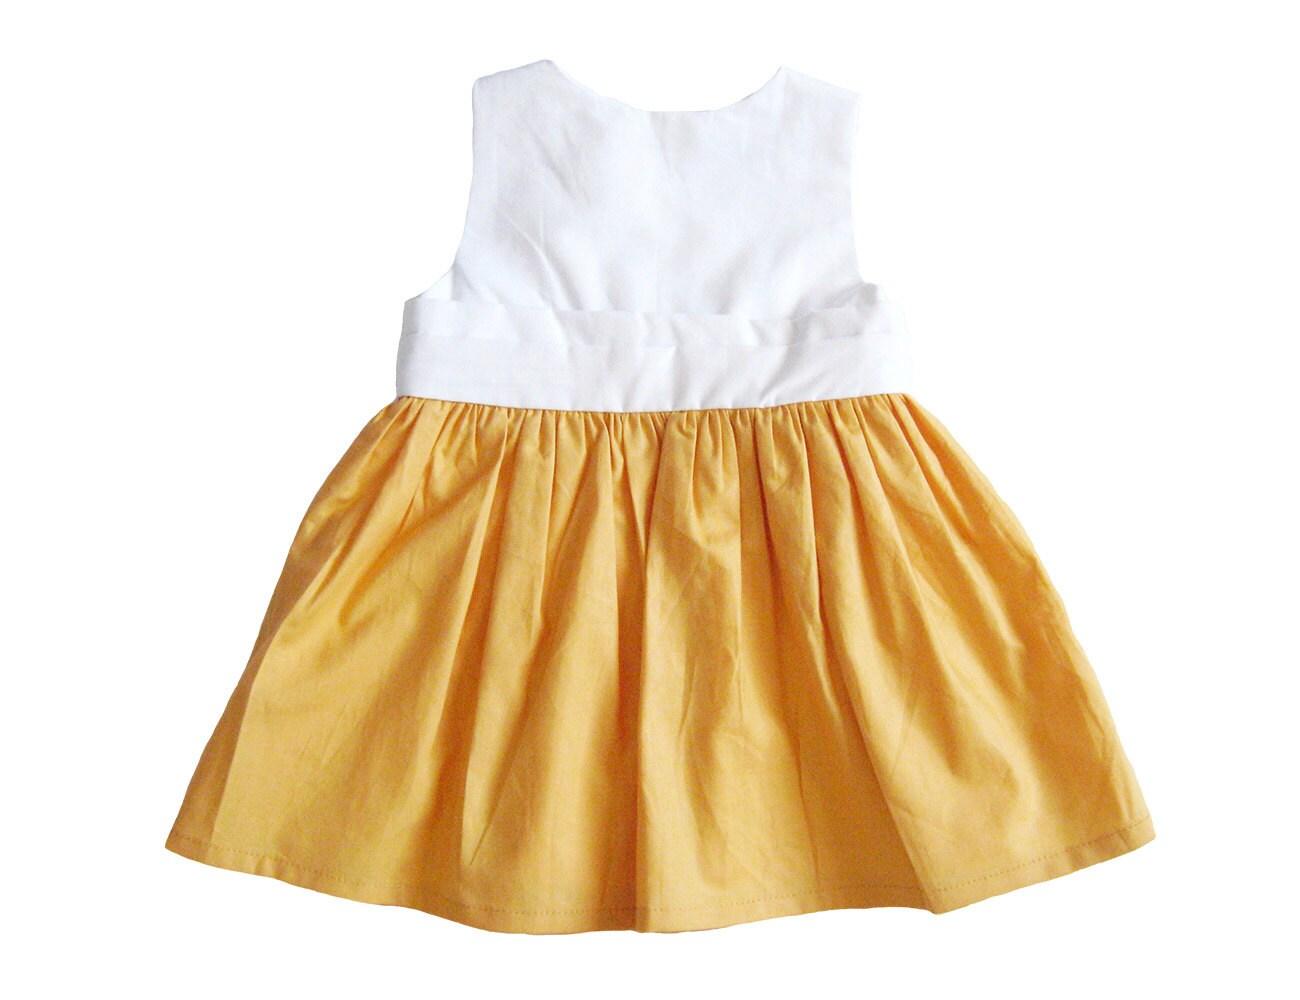 Lilium Baby Dress Yellow And White Baby Dress Baby Girl